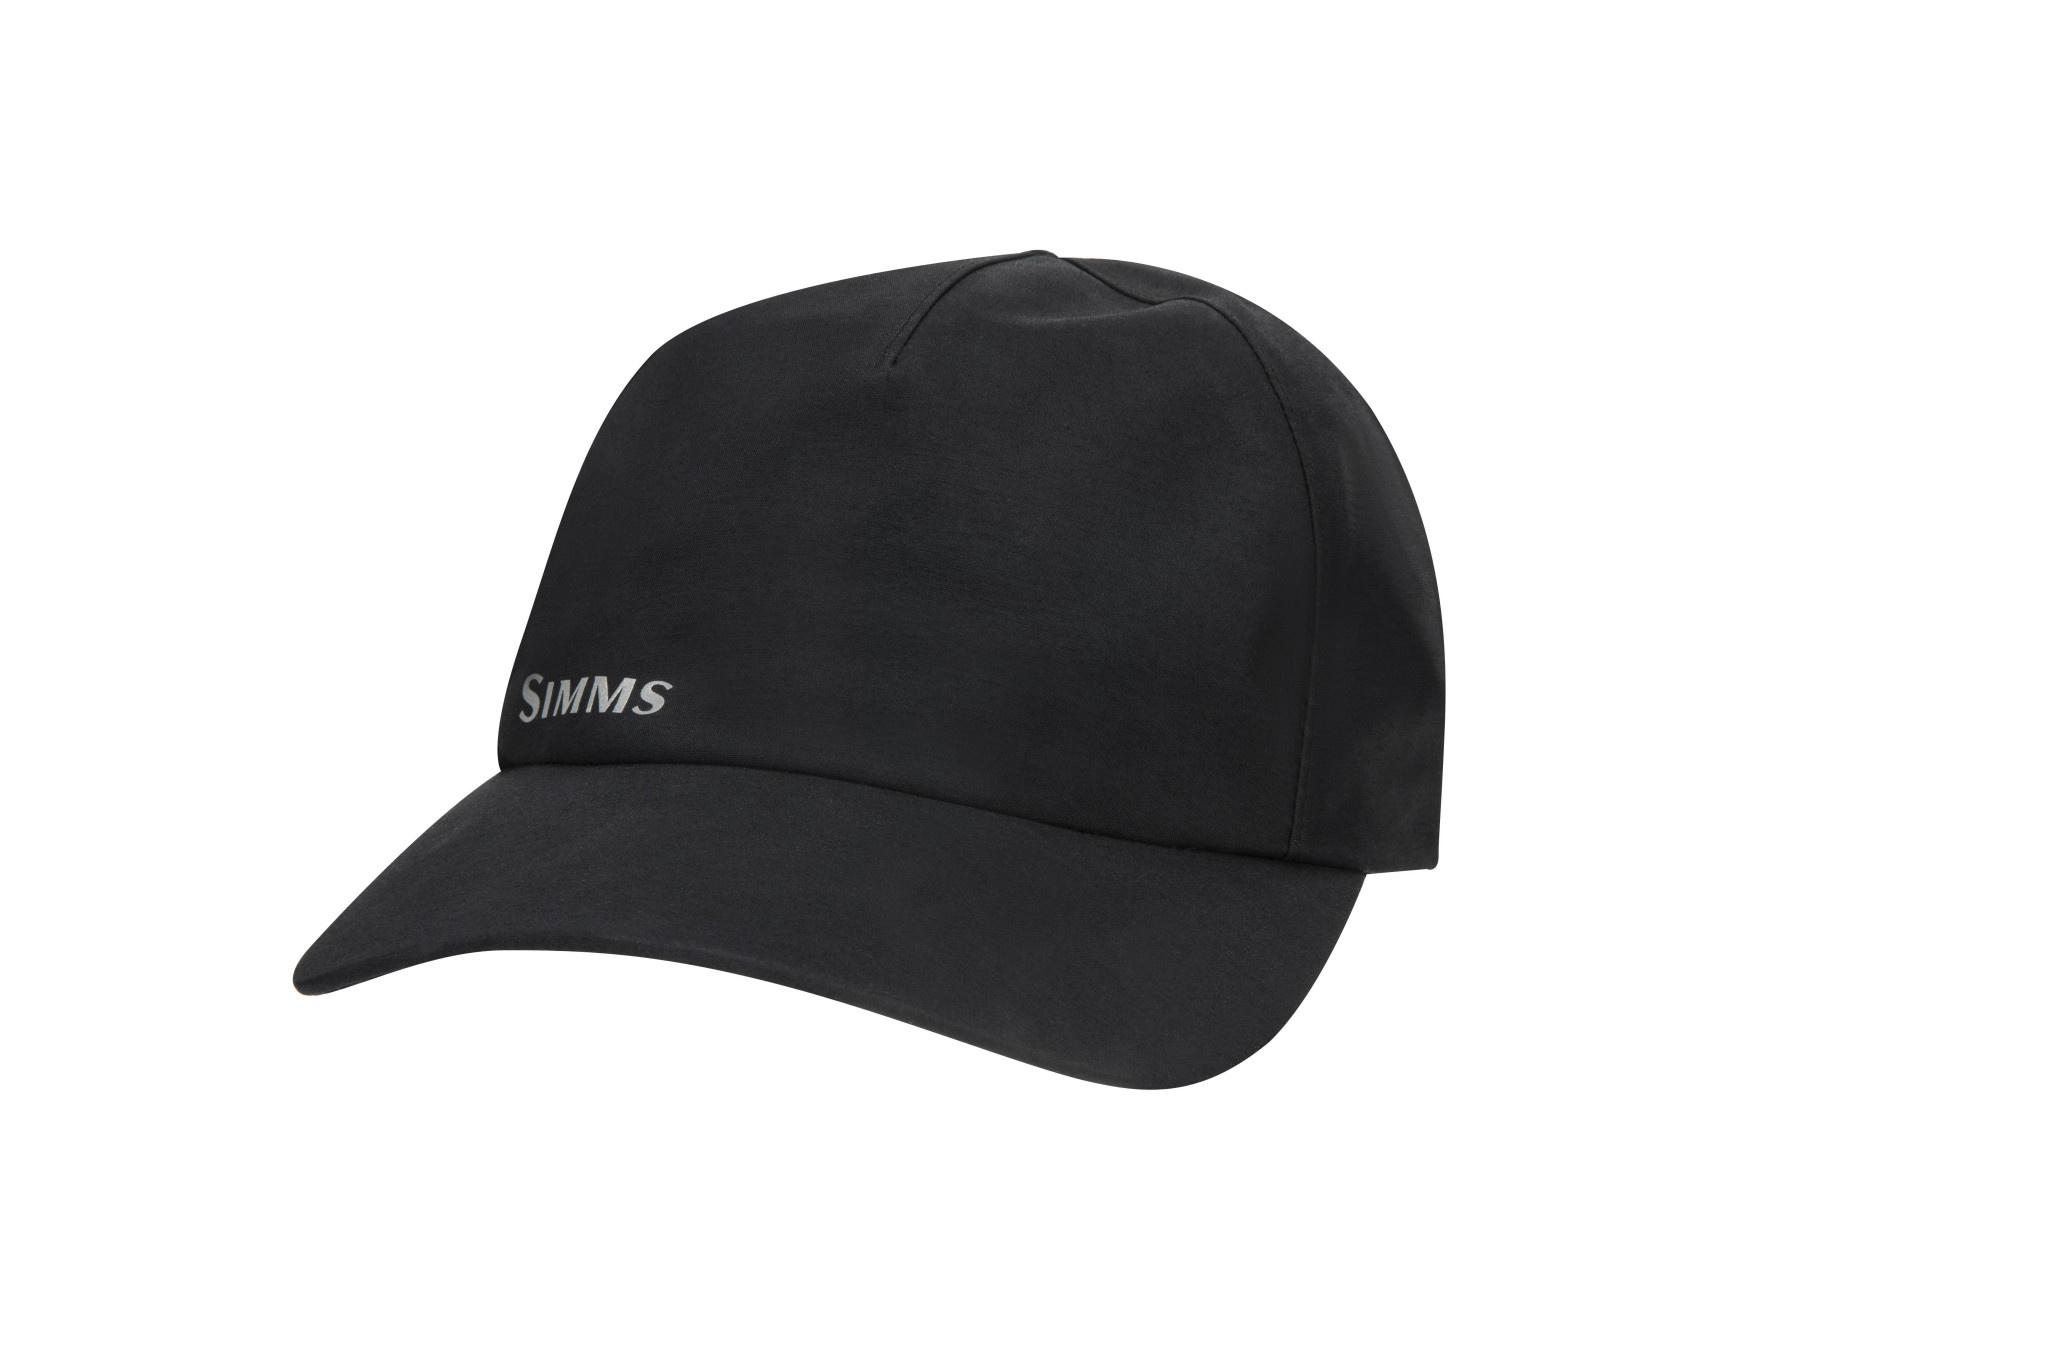 Simms Simms GORE-TEX Rain Cap